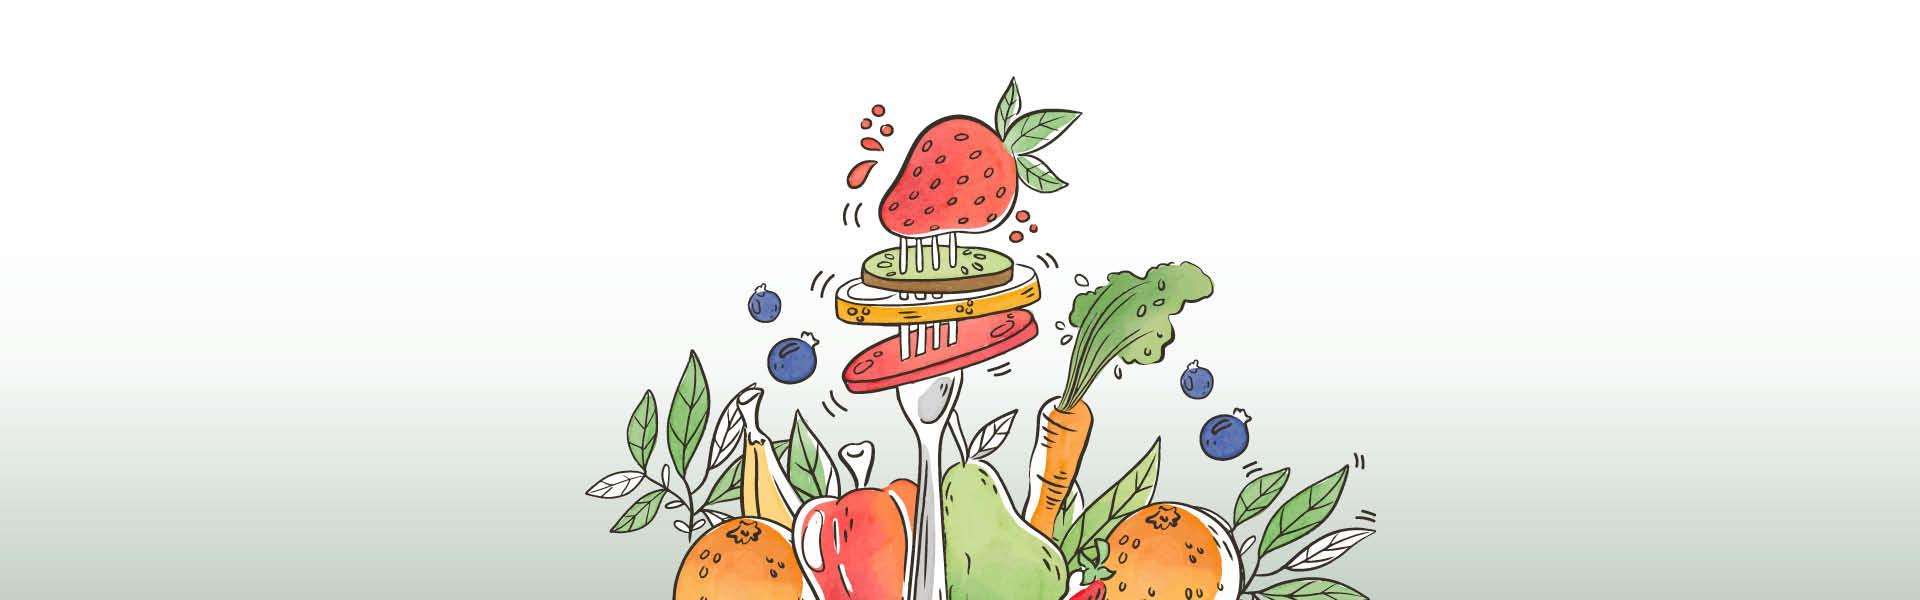 kost-og-livsstil